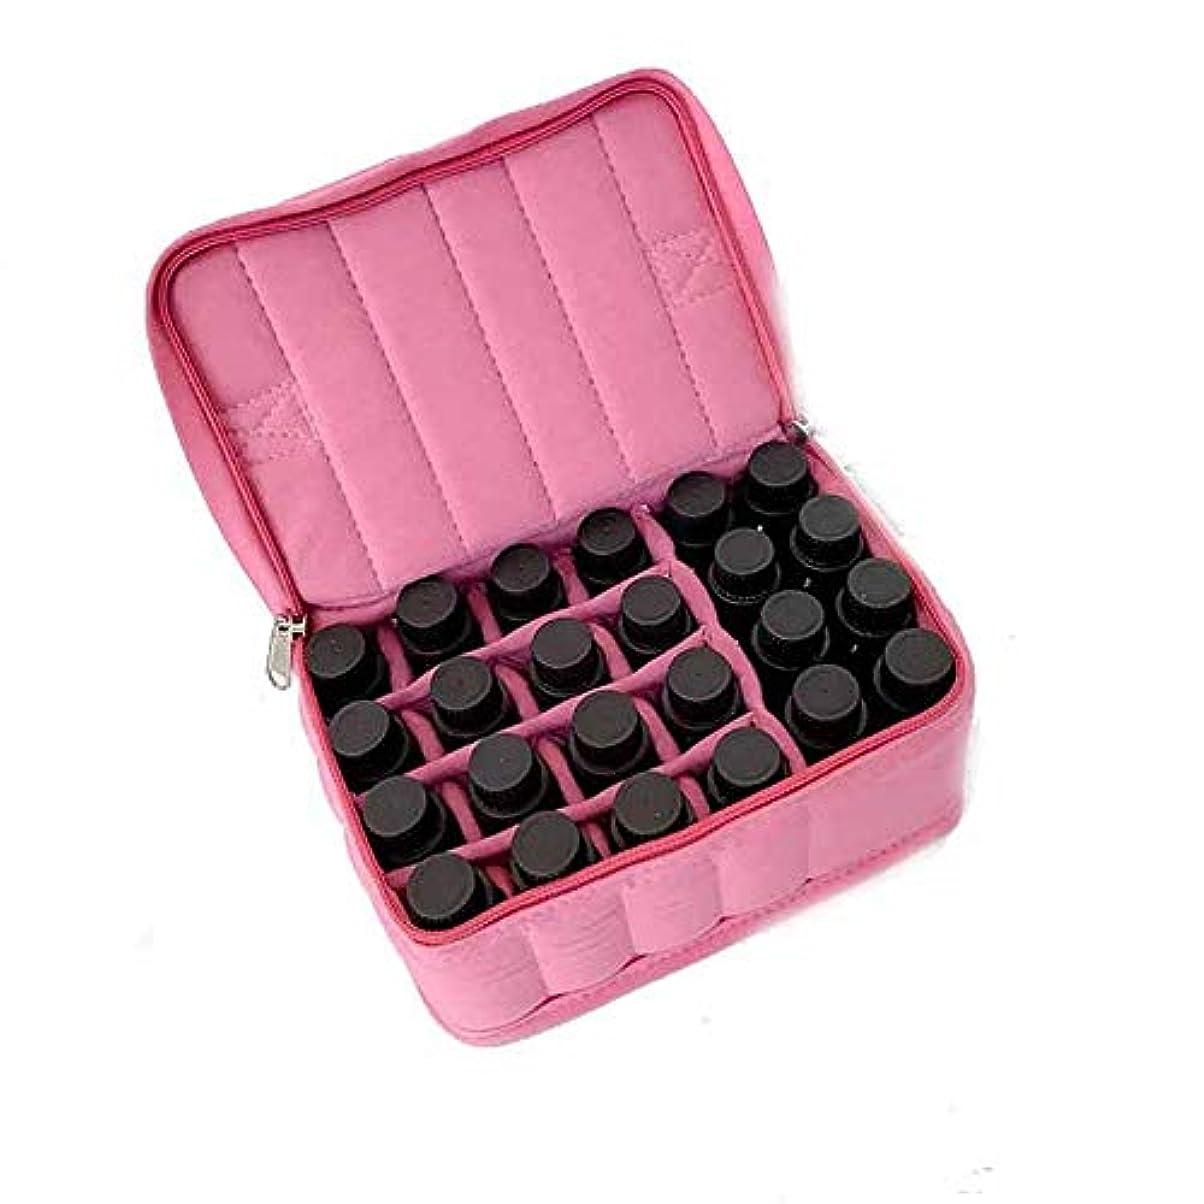 影響する平方グラマーアロマセラピー収納ボックス アロマオイルスーツケースハードシェル旅行やストレージ外部ストレージ統合袋の17本のボトル エッセンシャルオイル収納ボックス (色 : ピンク, サイズ : 18X13.5X8.5CM)